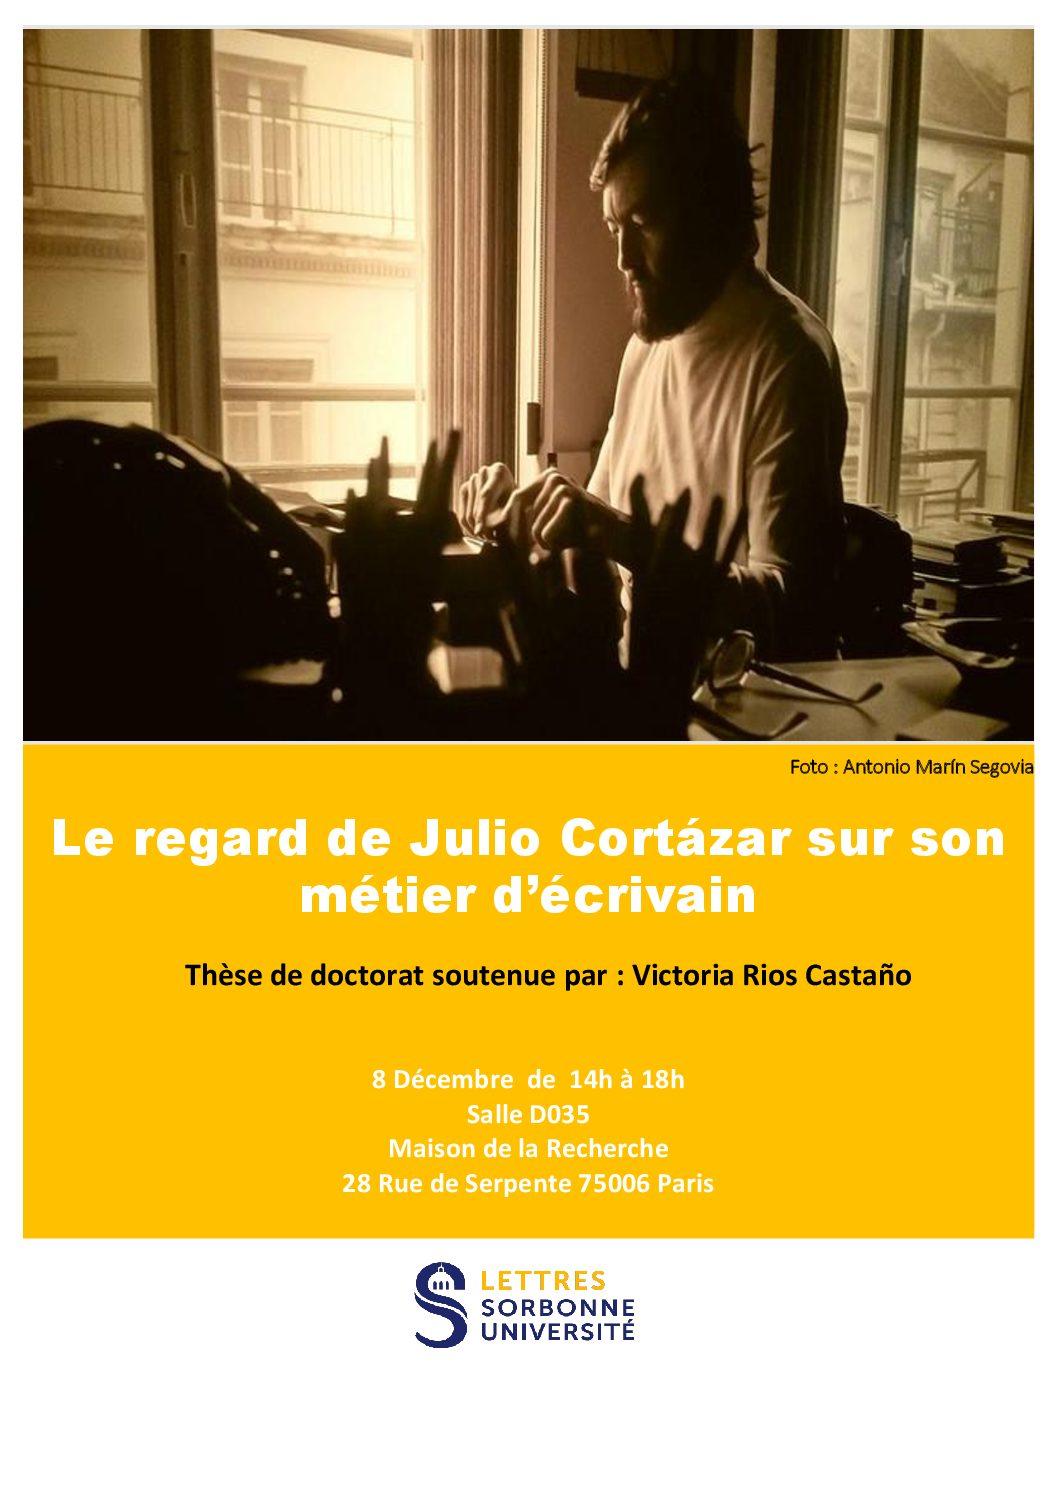 Le regard de Julio Cortázar sur son métier d'écrivain